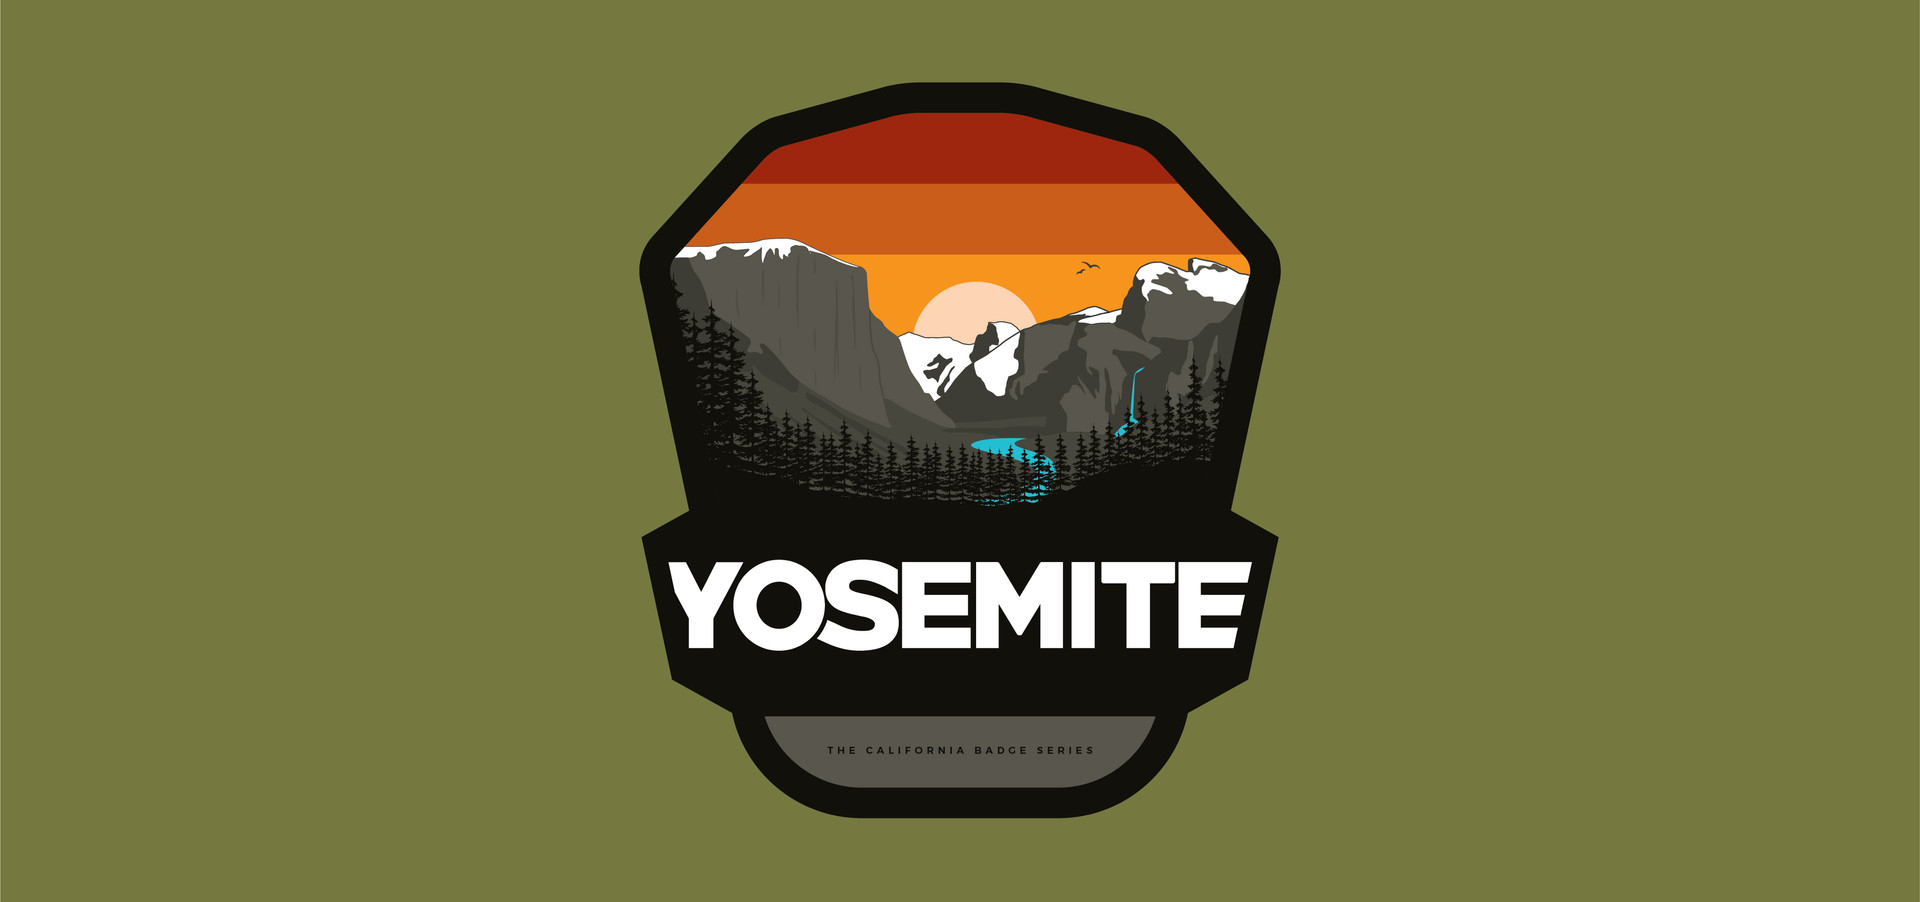 Yosemite-badge-05.jpg